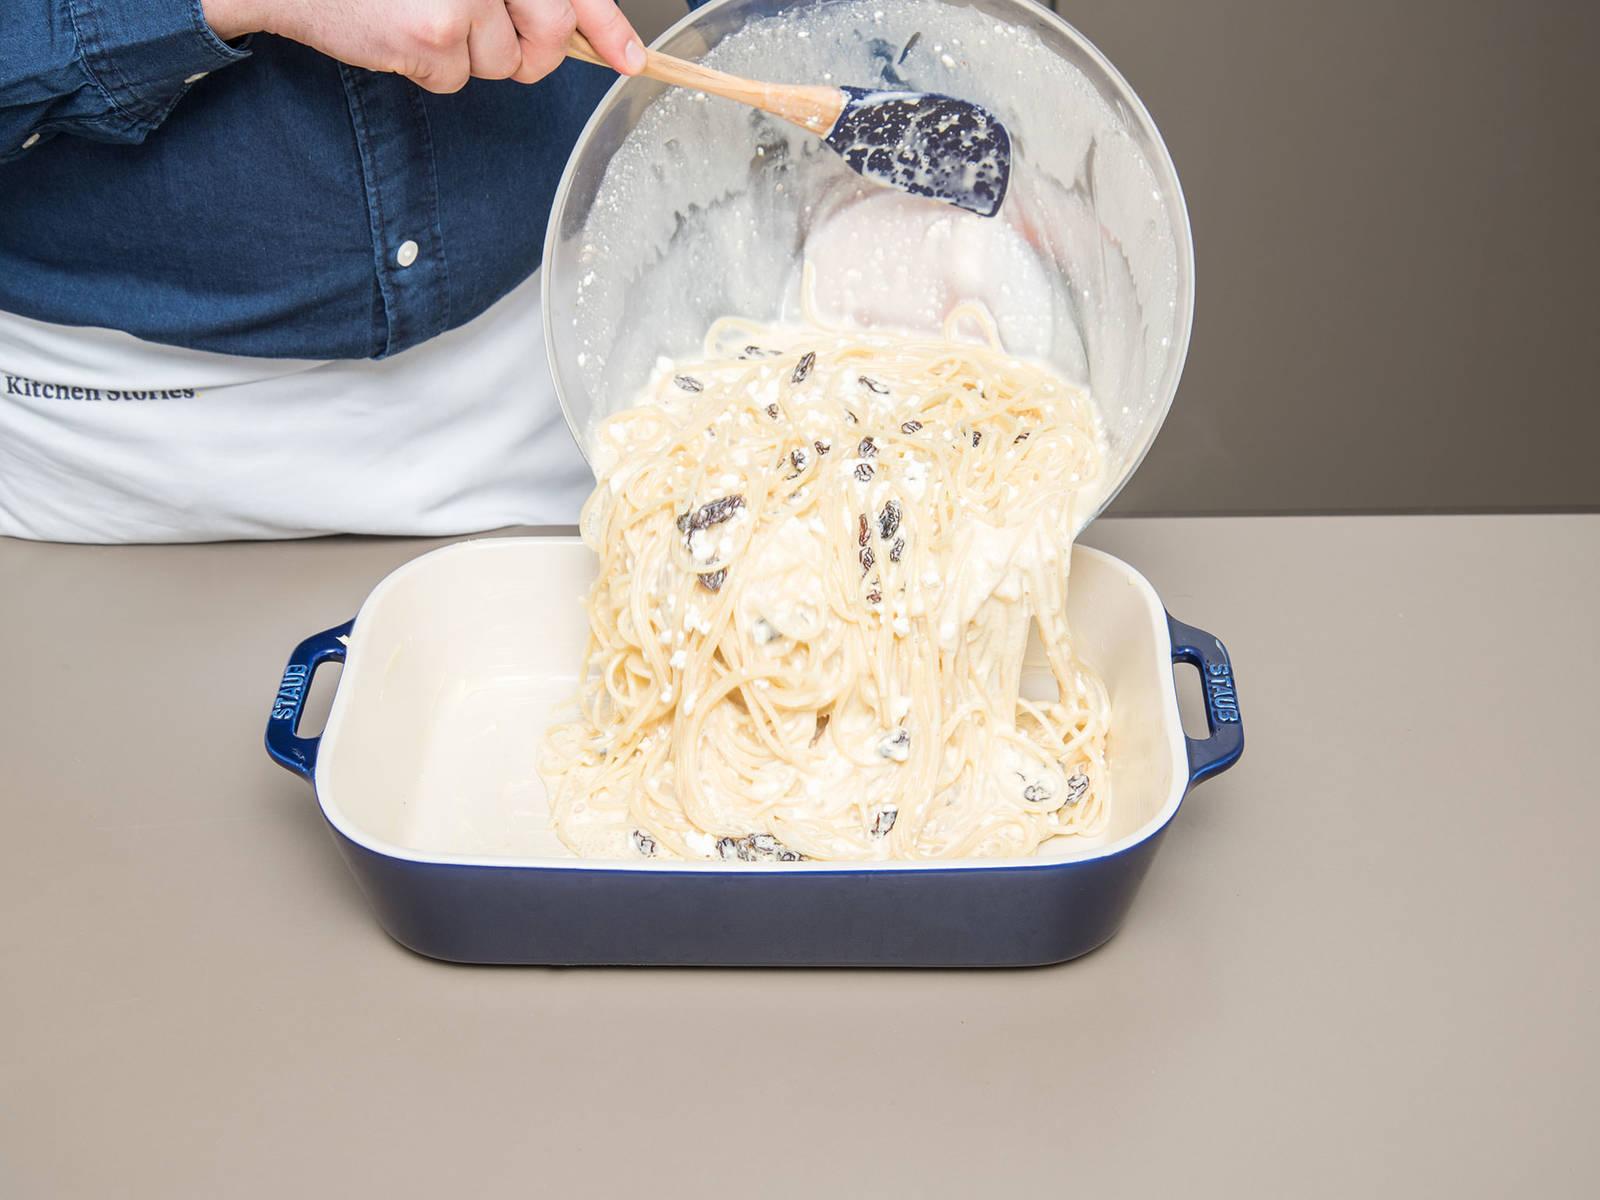 用黄油润滑烤盘,倒入意面混合物。以180℃烤50分钟或直至意面顶部变成金棕色且酱汁凝固。趁热享用吧!